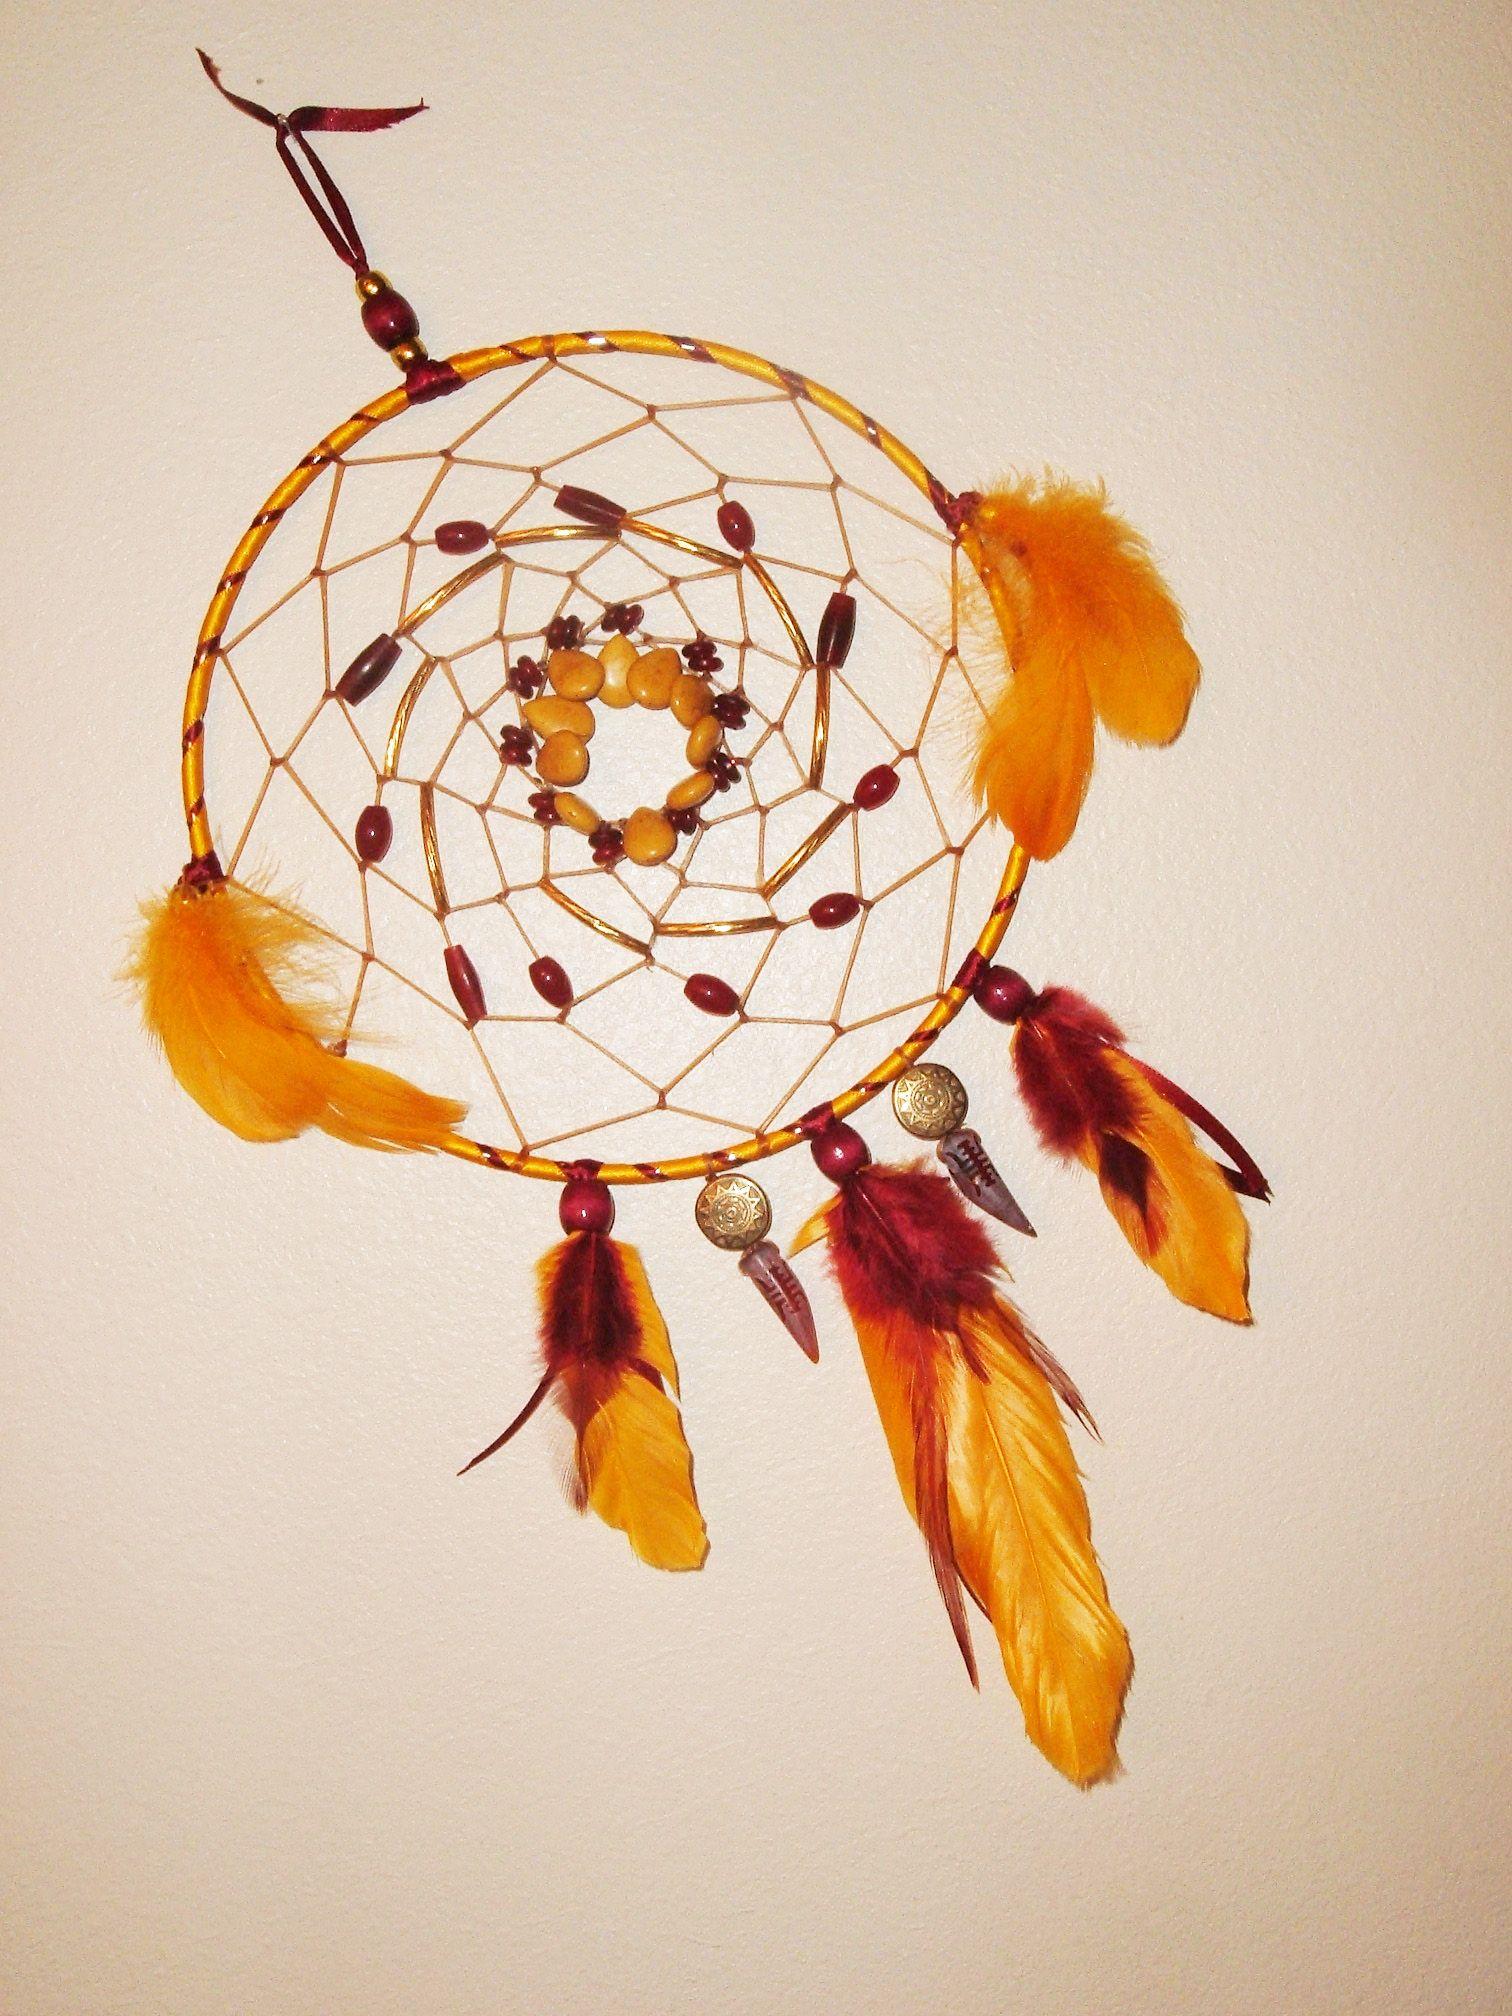 Pictures Of Dream Catchers Florida Seminole Dream Catcher  *~*dreamcatchers*~*  Pinterest